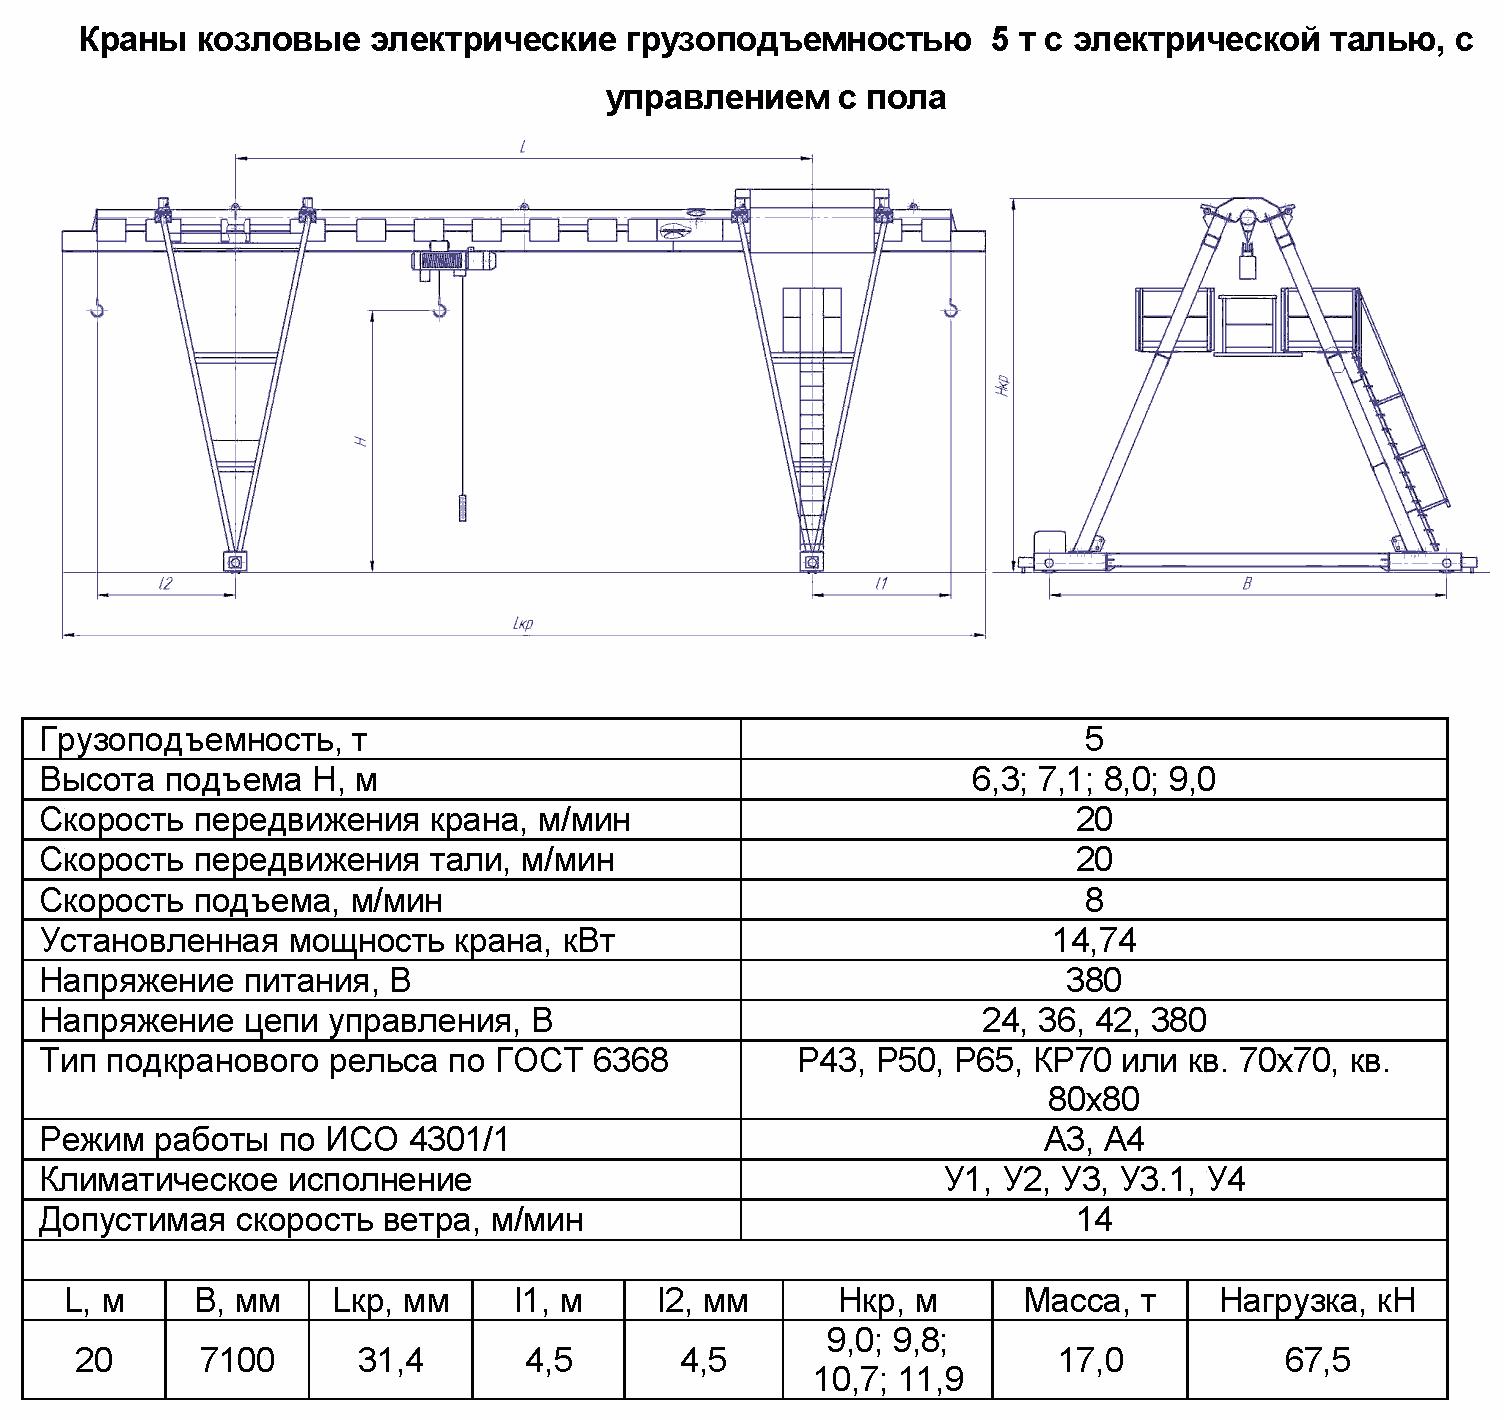 KKO 5 200 - Кран козловой электрический однобалочный